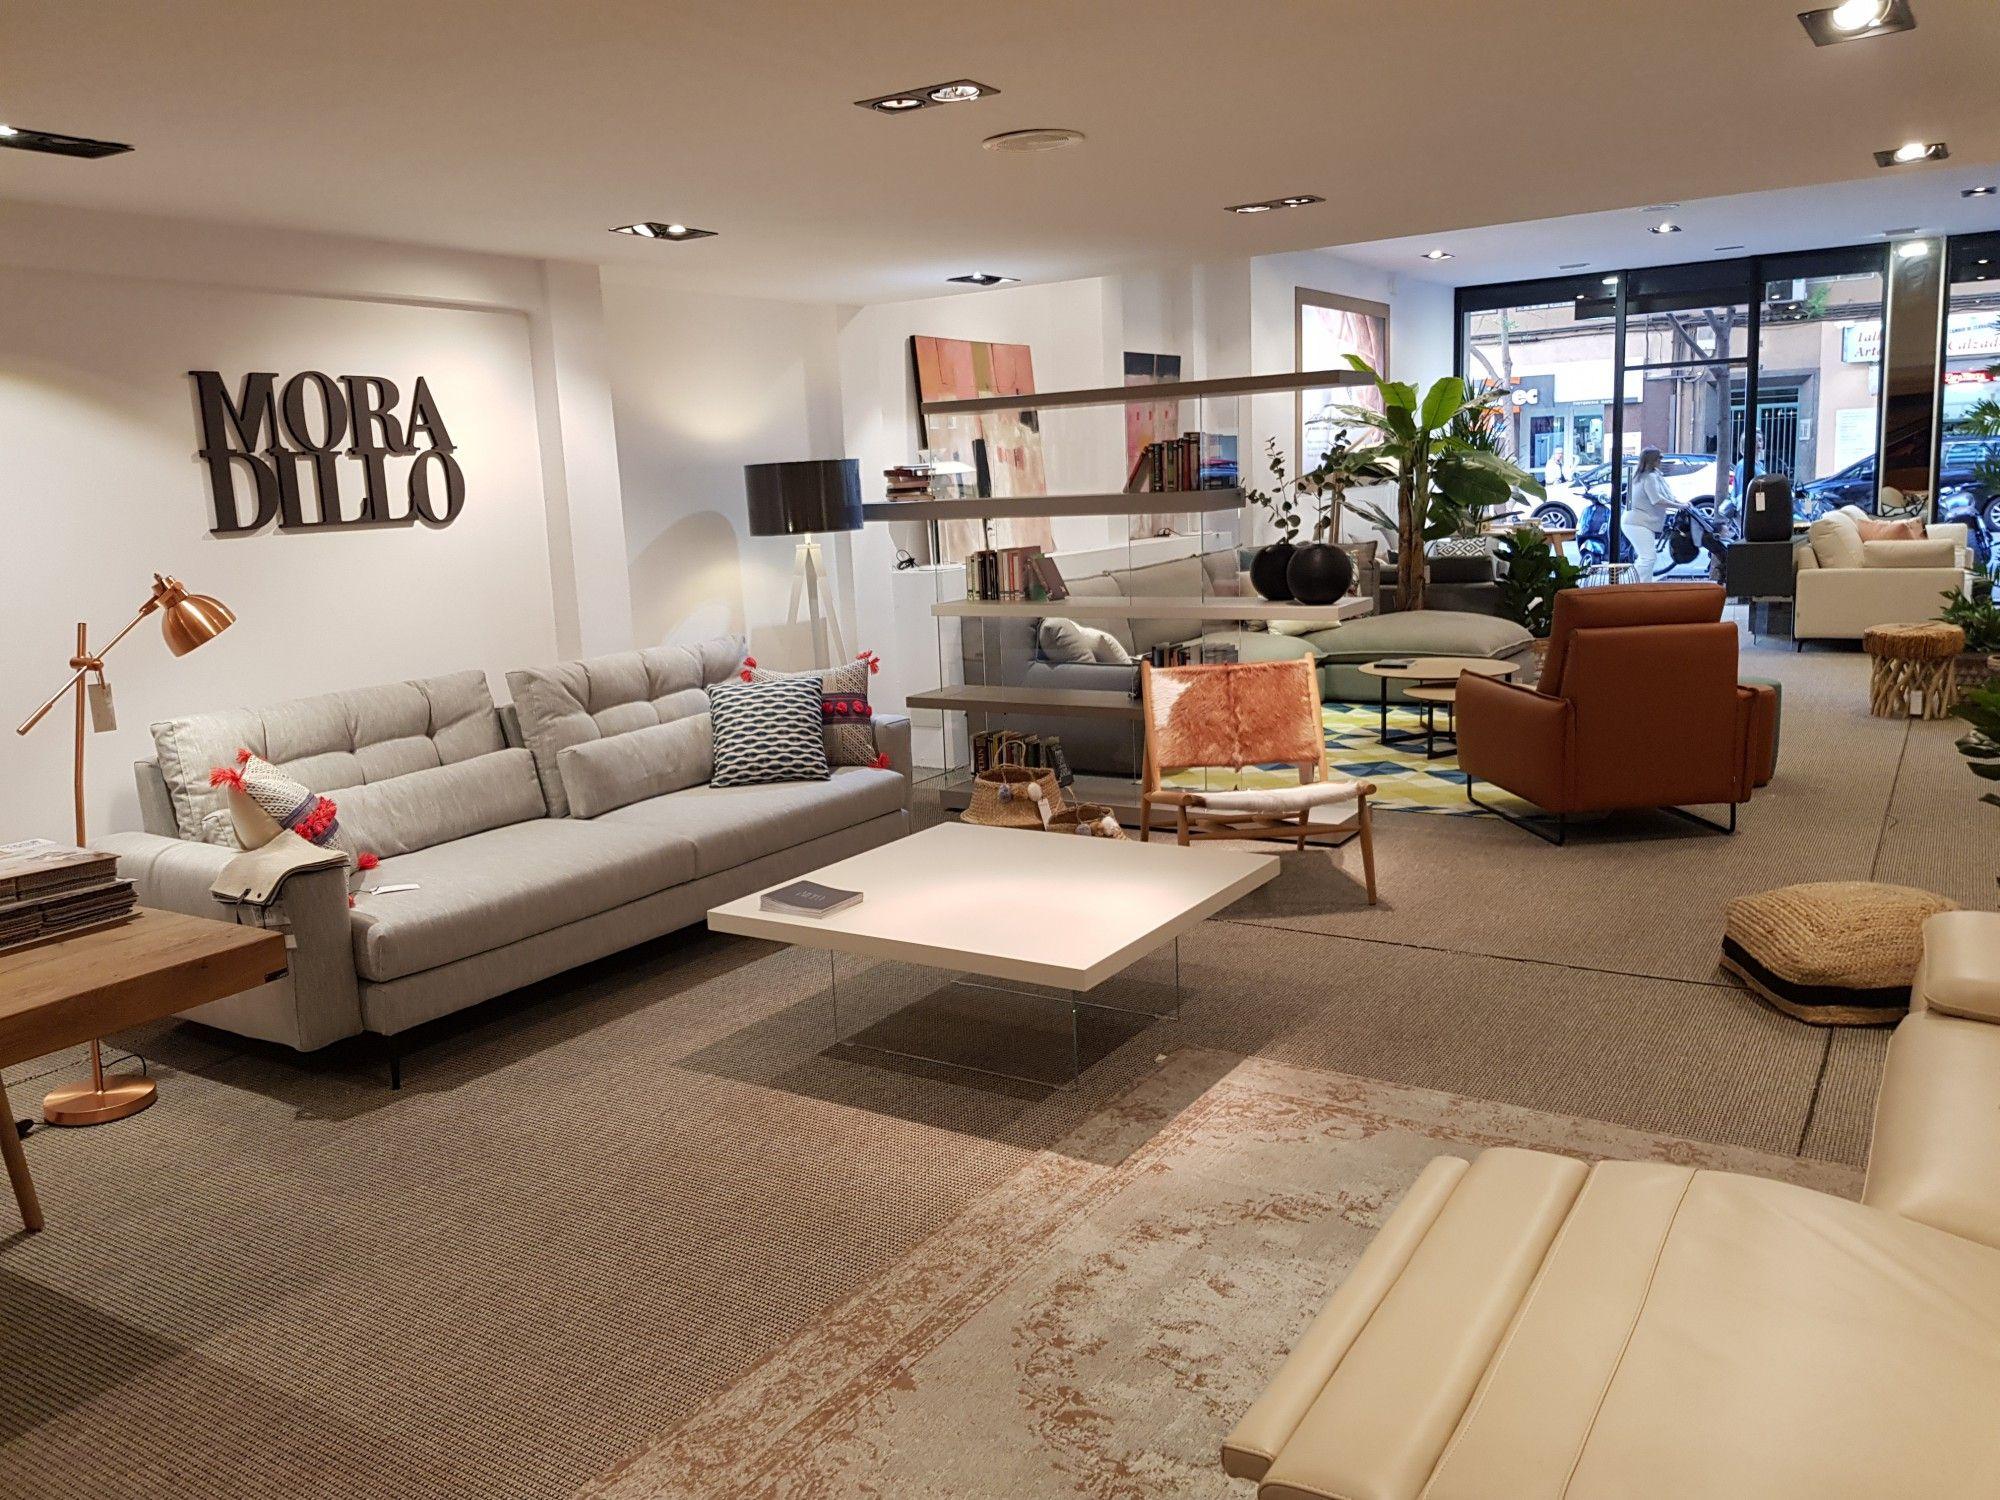 Foto de Moradillo Store Palma